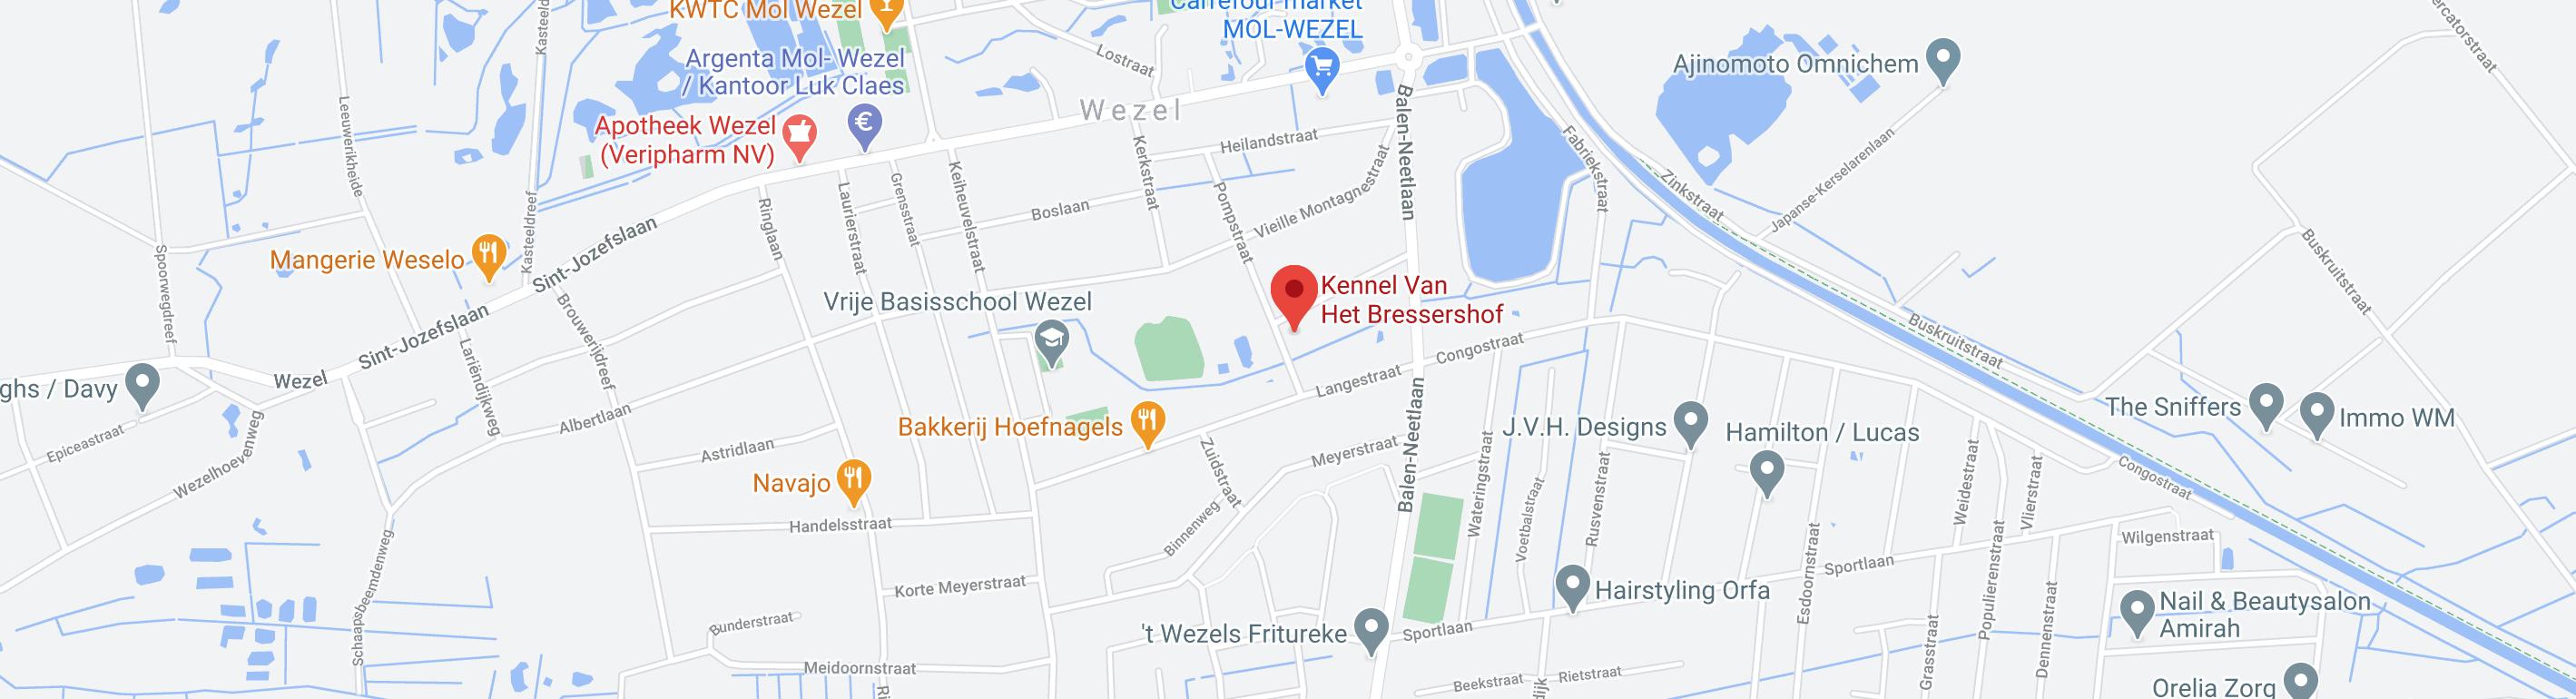 Locatie kennel van het bressershof